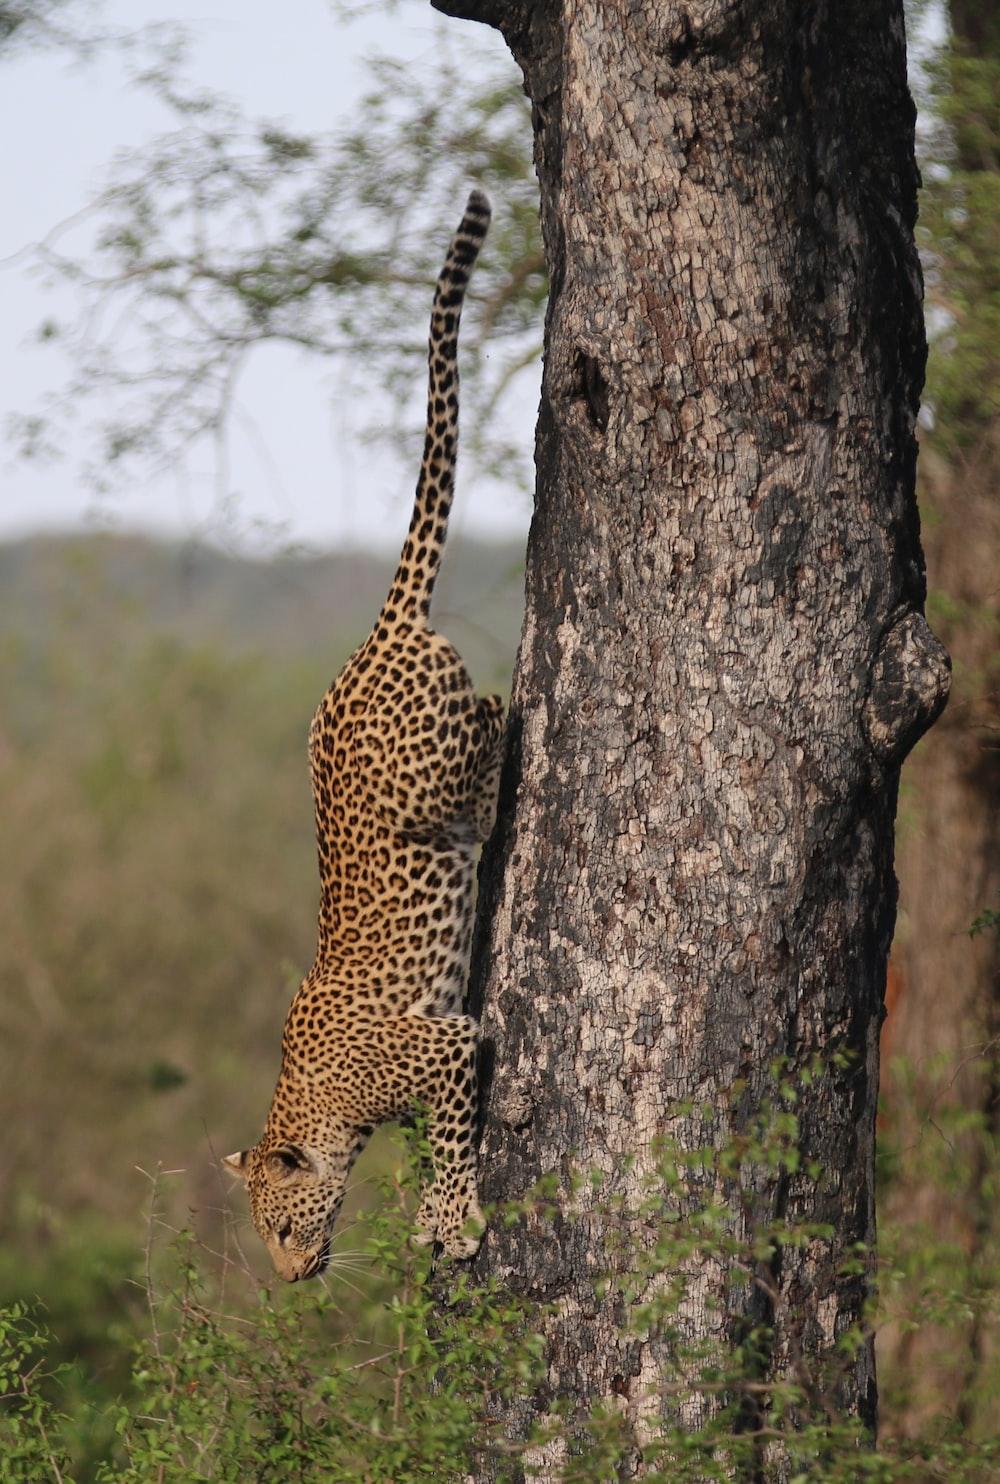 loepard climbing down on tree during daytime